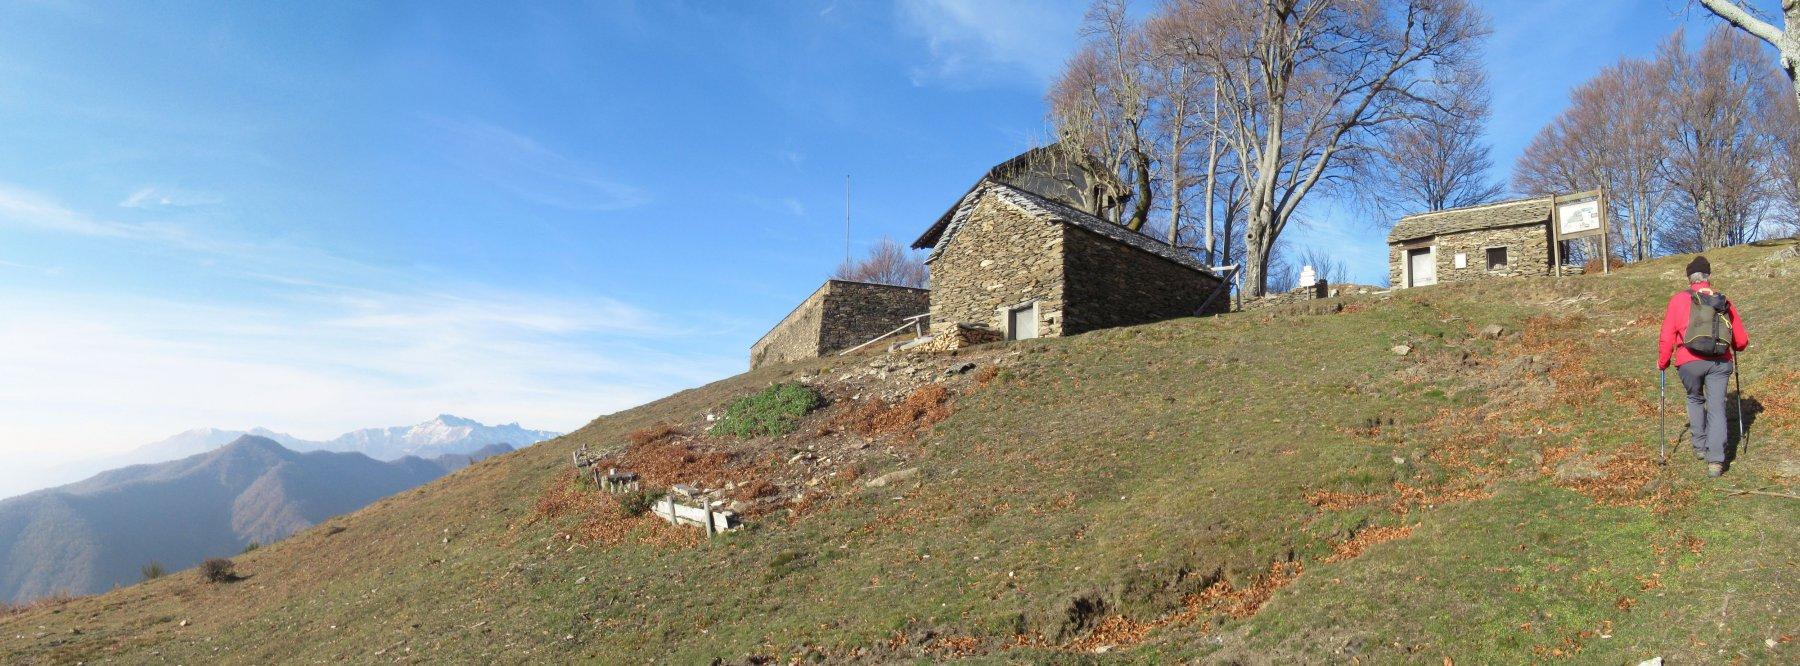 Rifugio Casa dell'Alpino all'Alpe Prà m. 1223